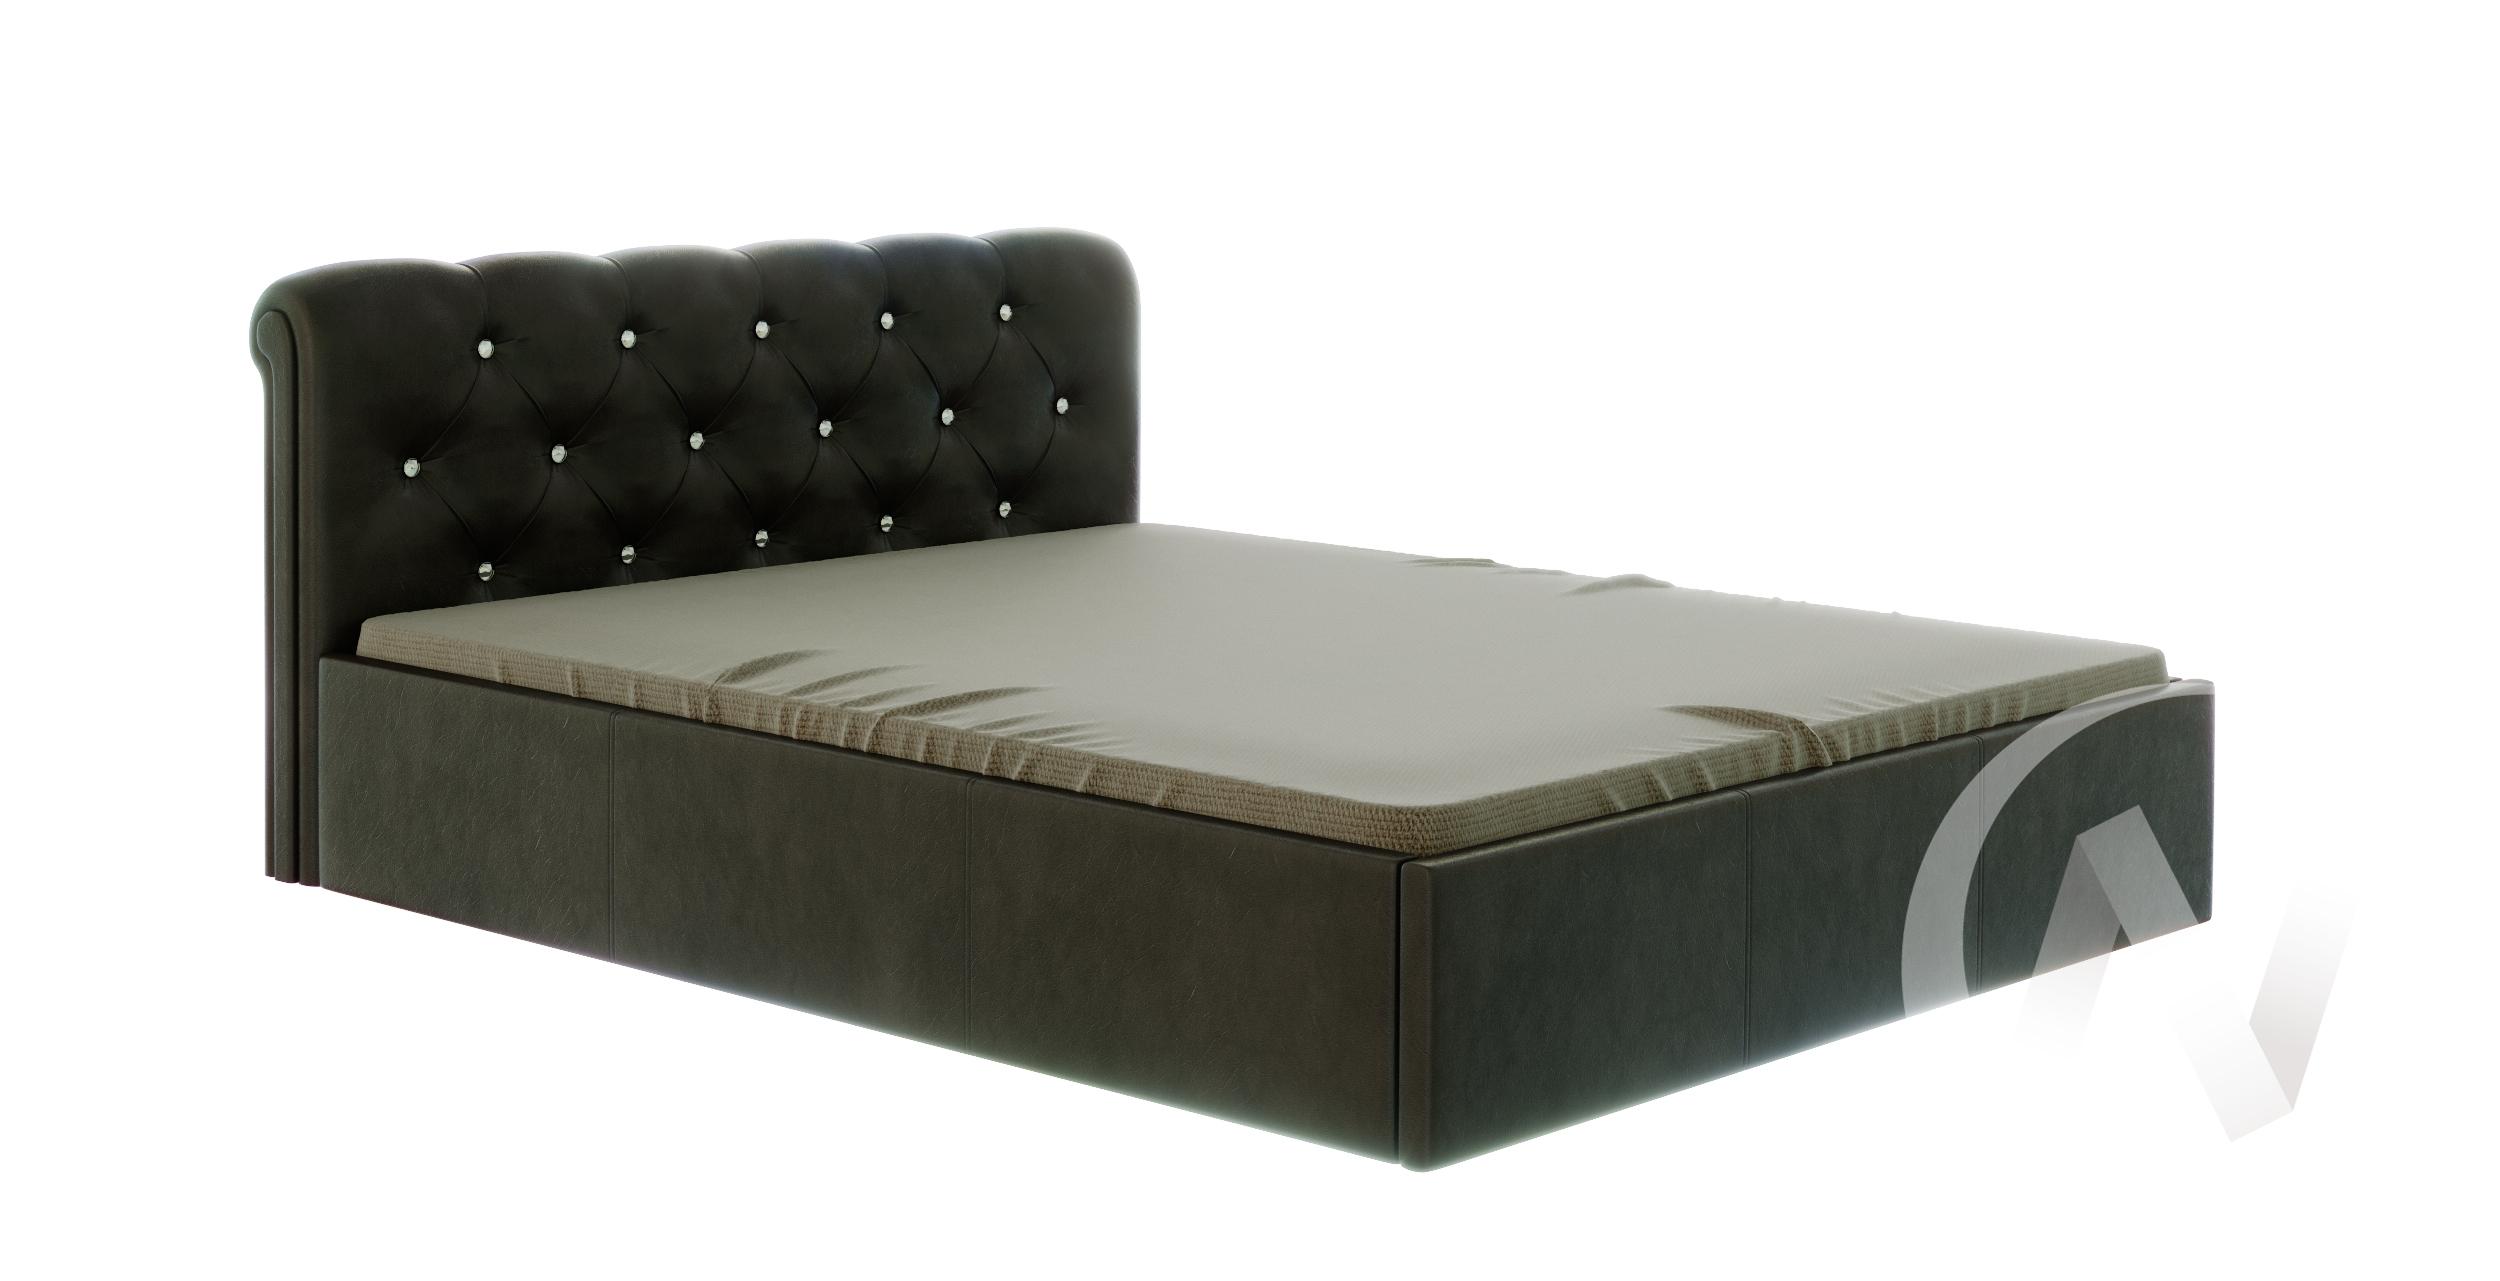 Кровать Калипсо 1,6 (коричневый)  в Томске — интернет магазин МИРА-мебель